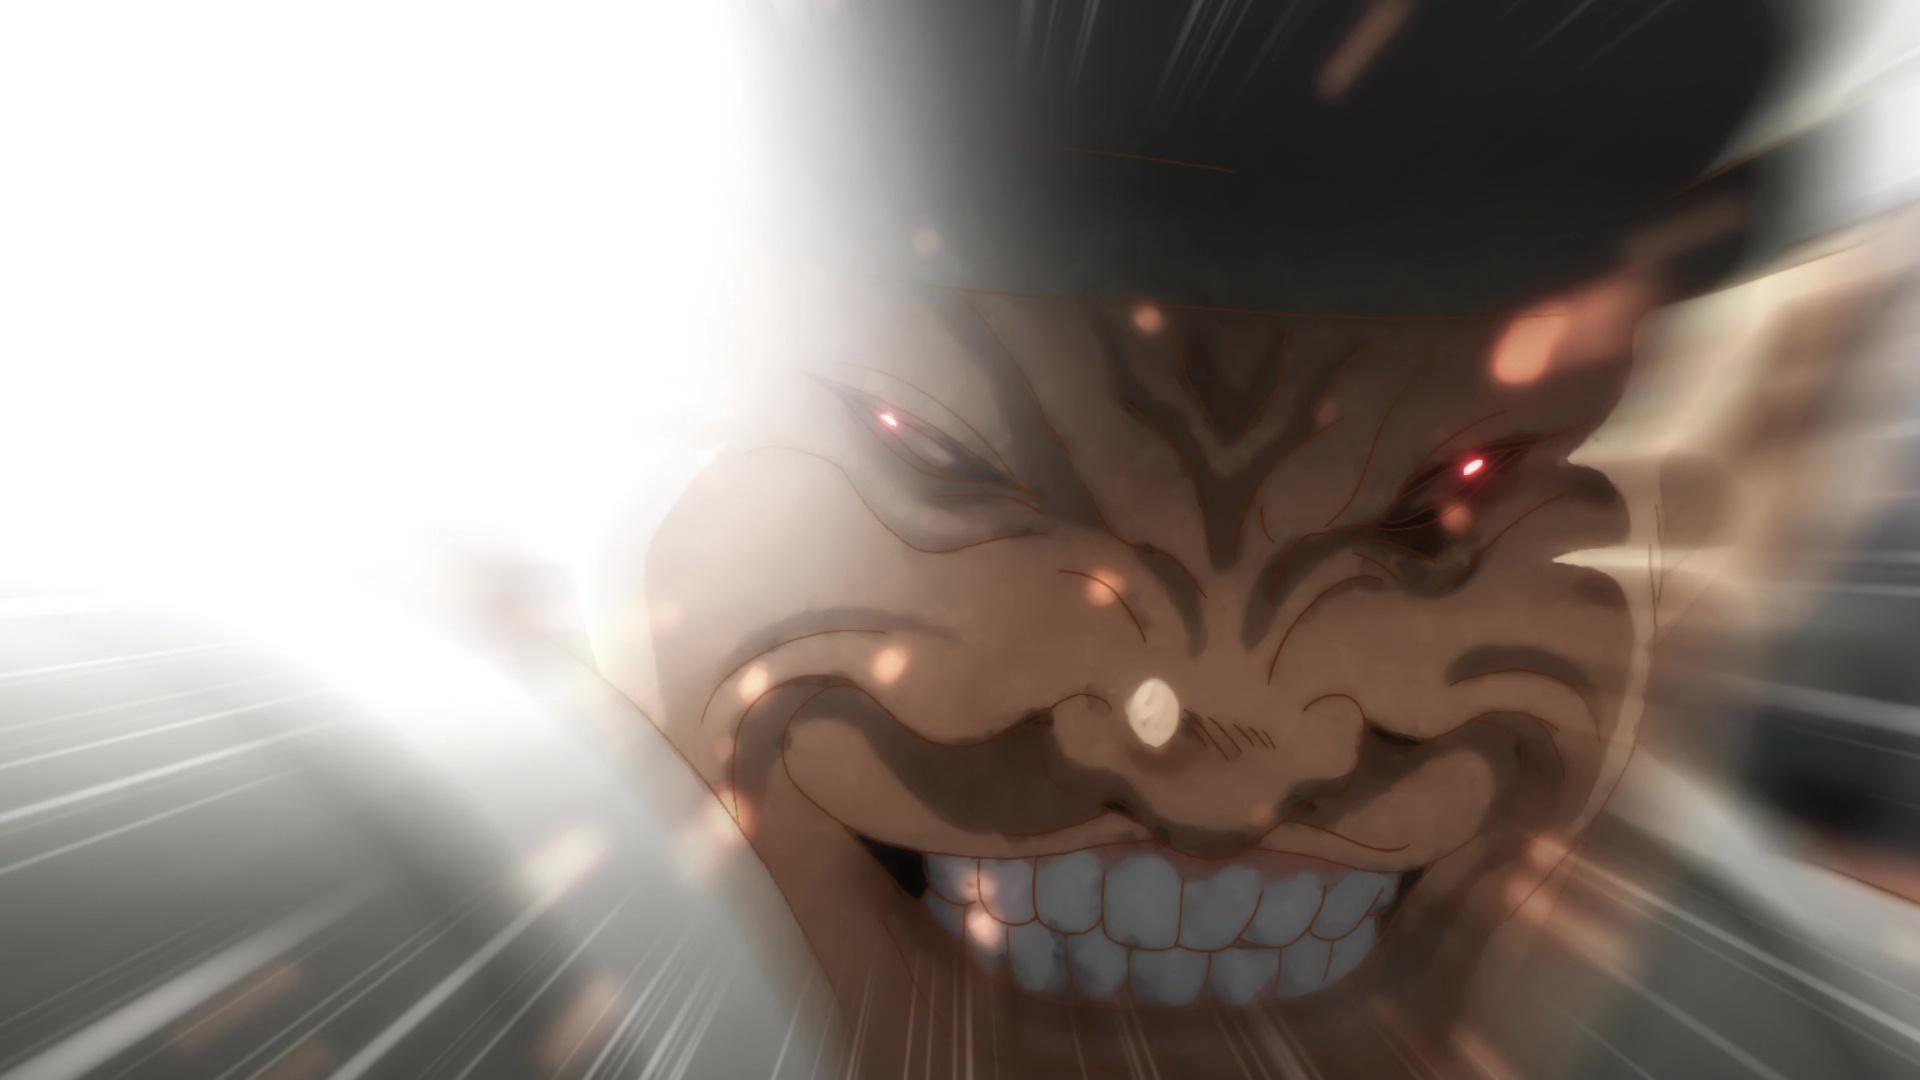 TVアニメ『バキ』第22話「超雄対決!」感想・作品情報 [ネタバレあり]